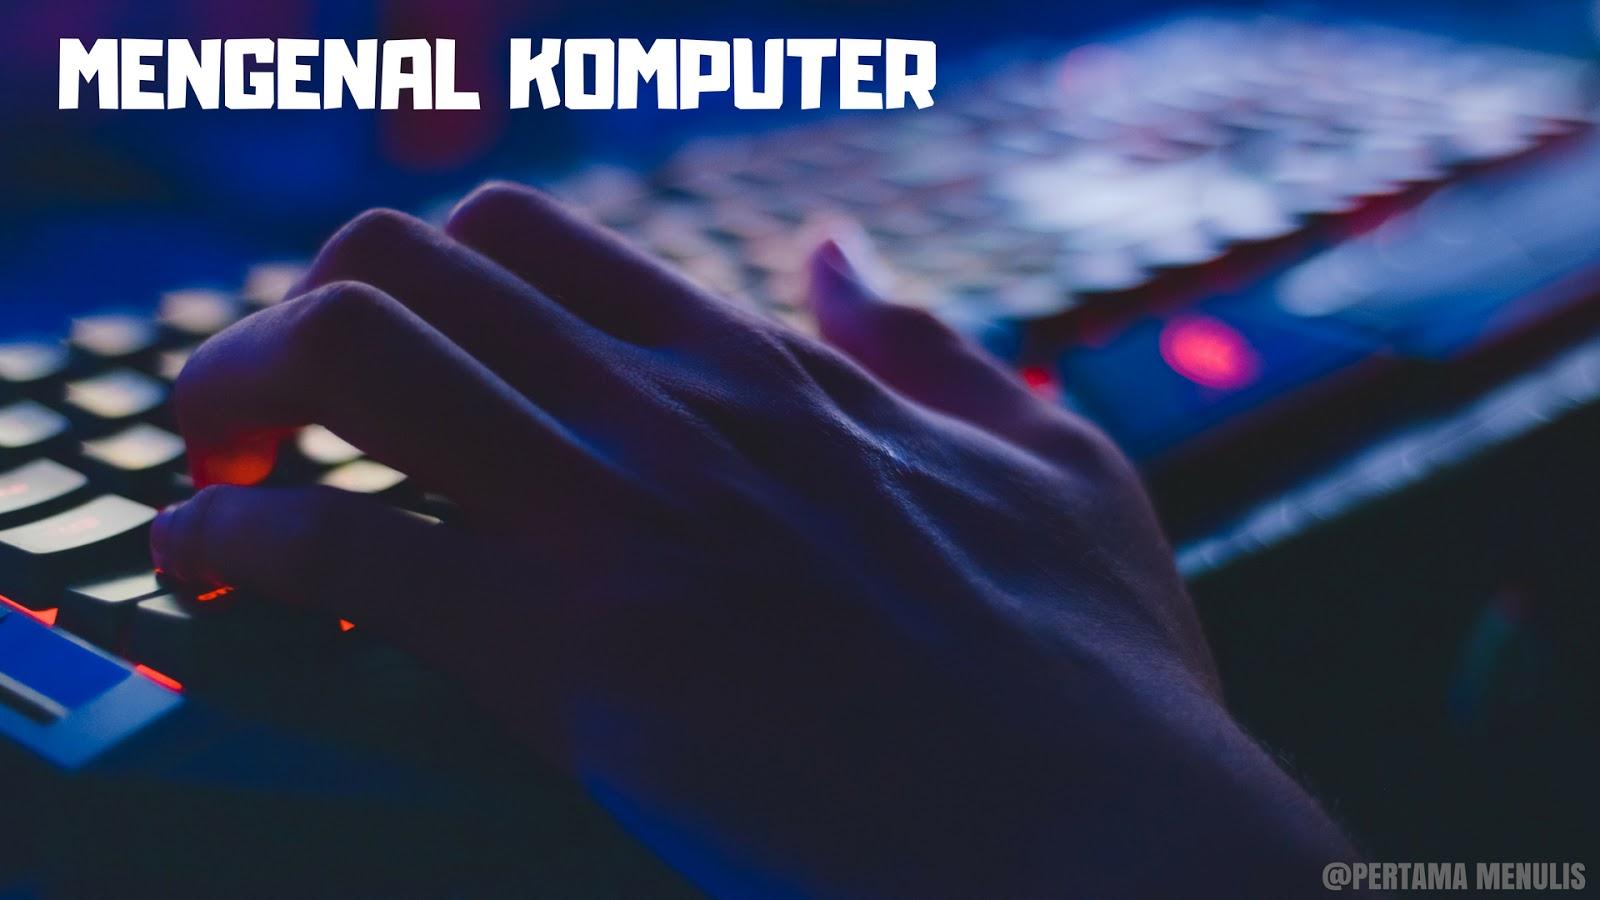 Mengenal Apa Saja Komponen Yang Terdapat Di Dalam Komputer